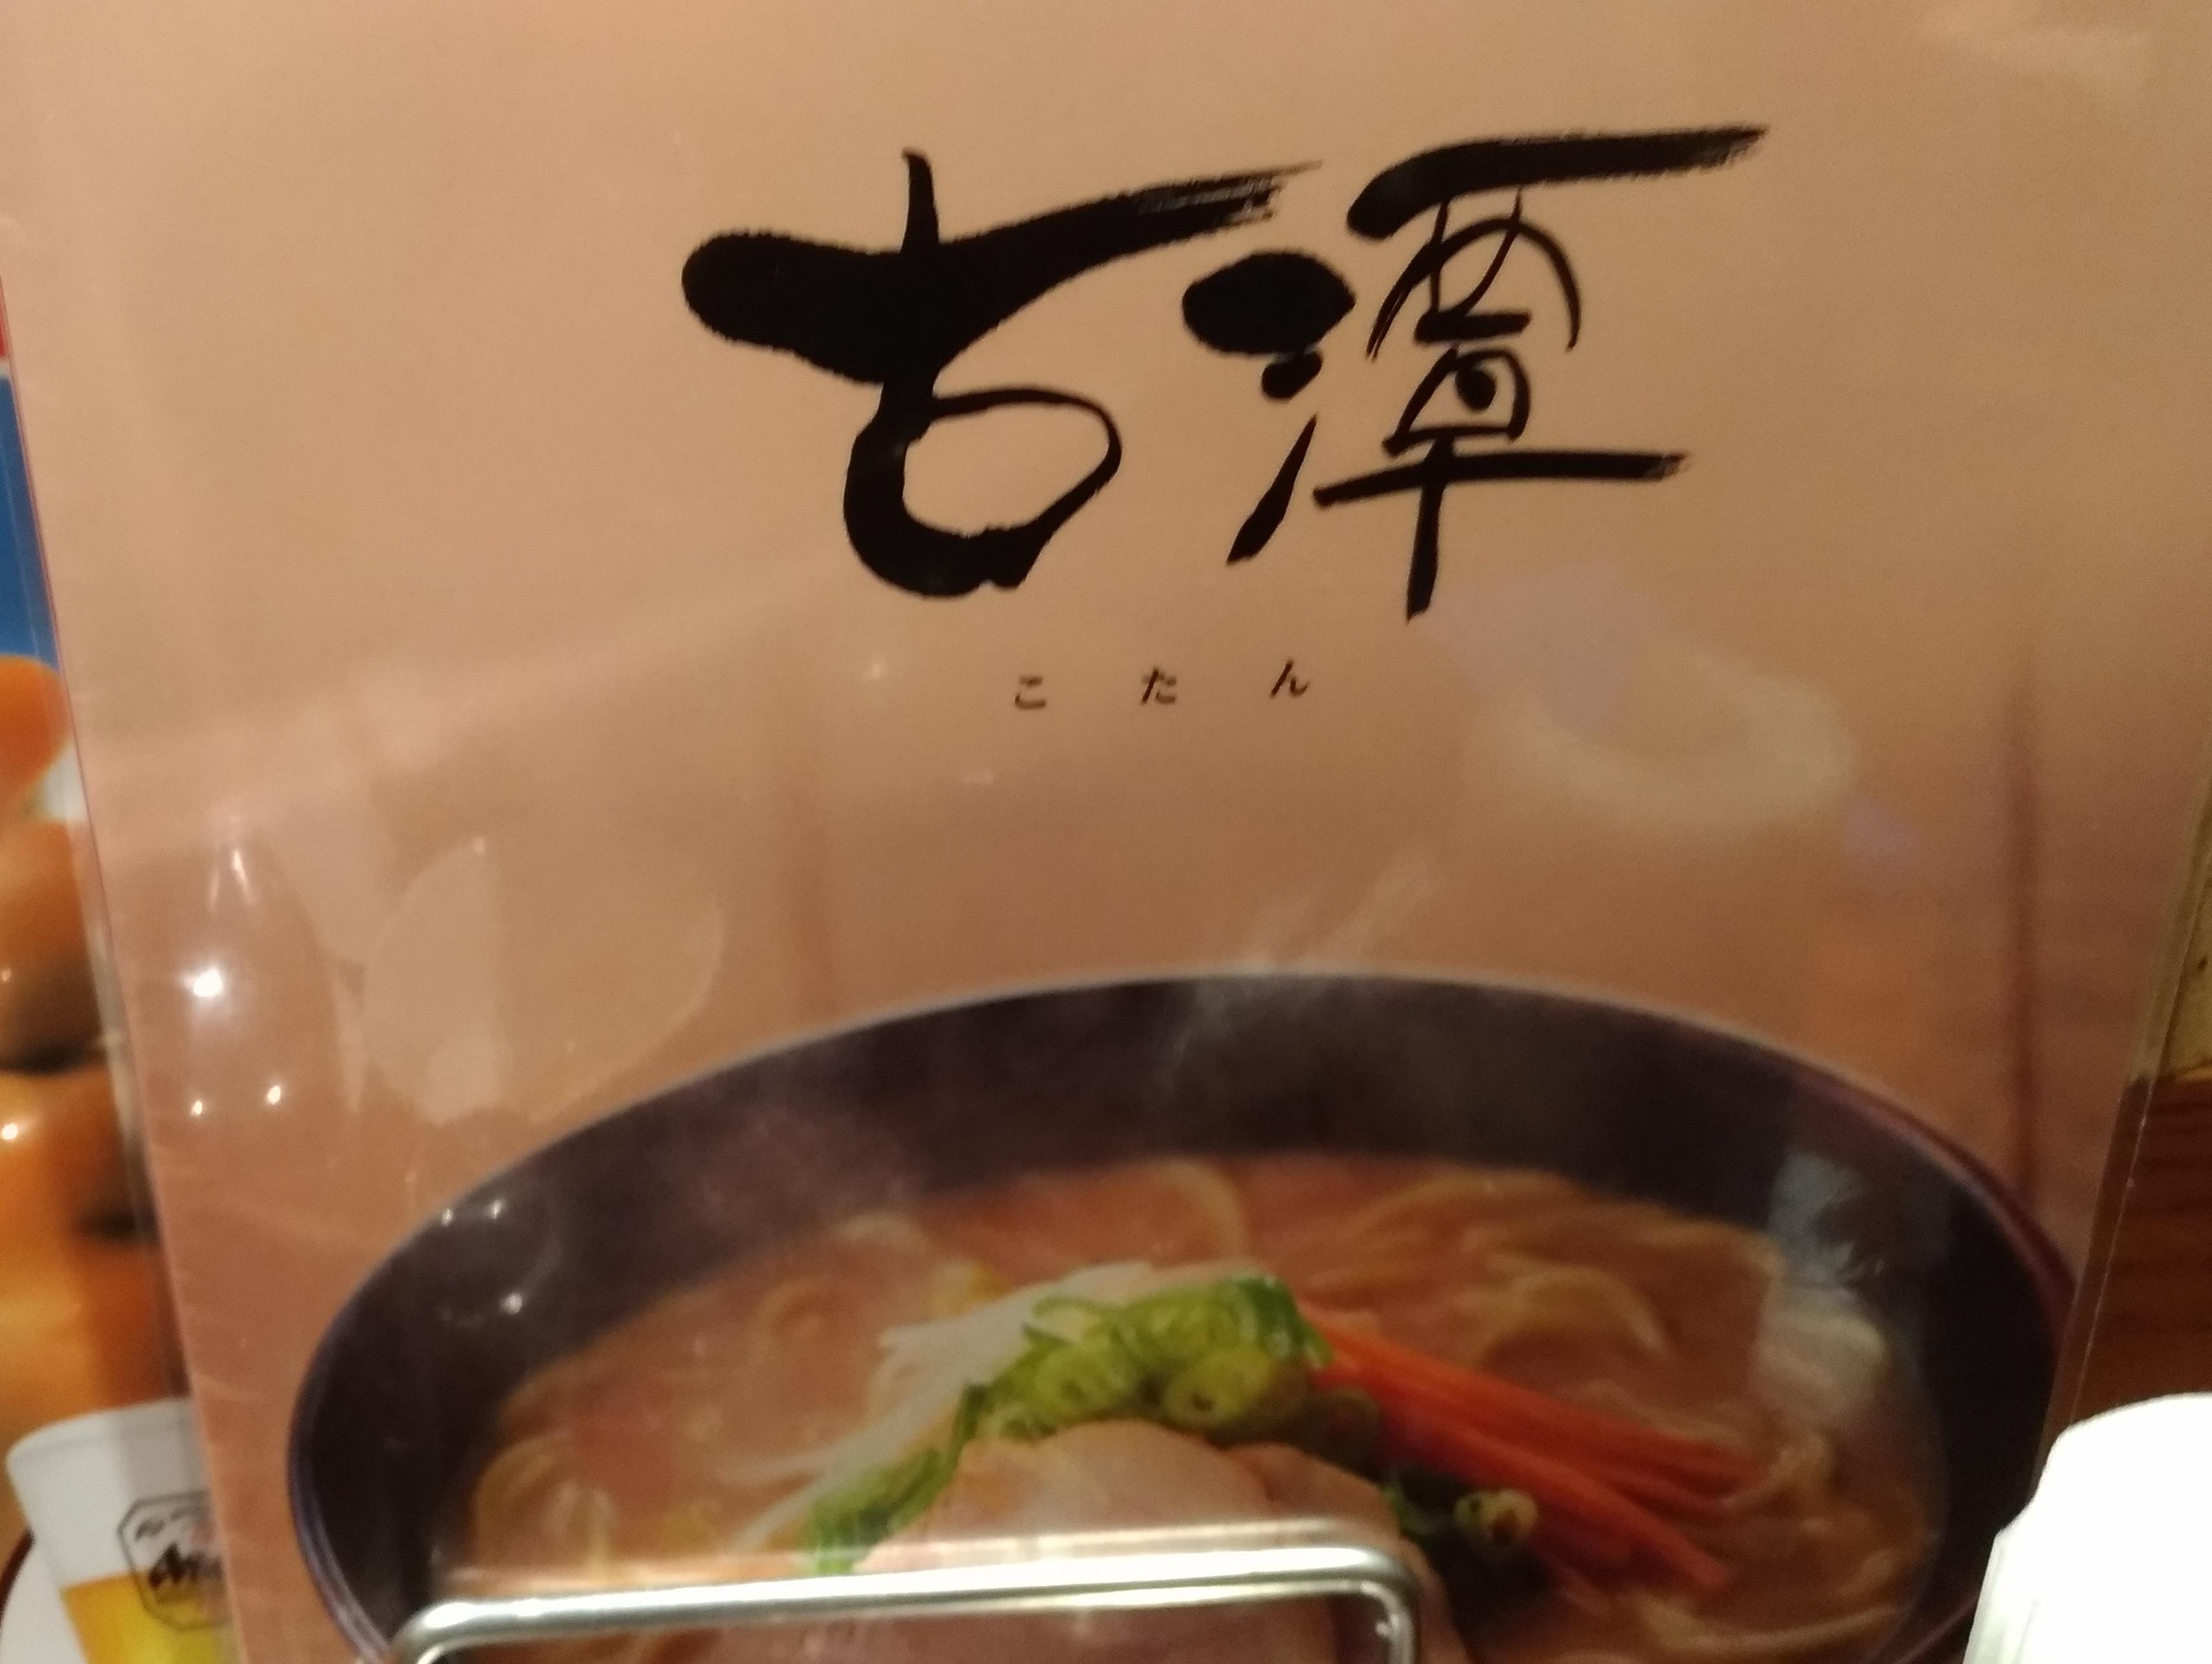 ramen_noodles_osaka_kotan_0722_.jpg